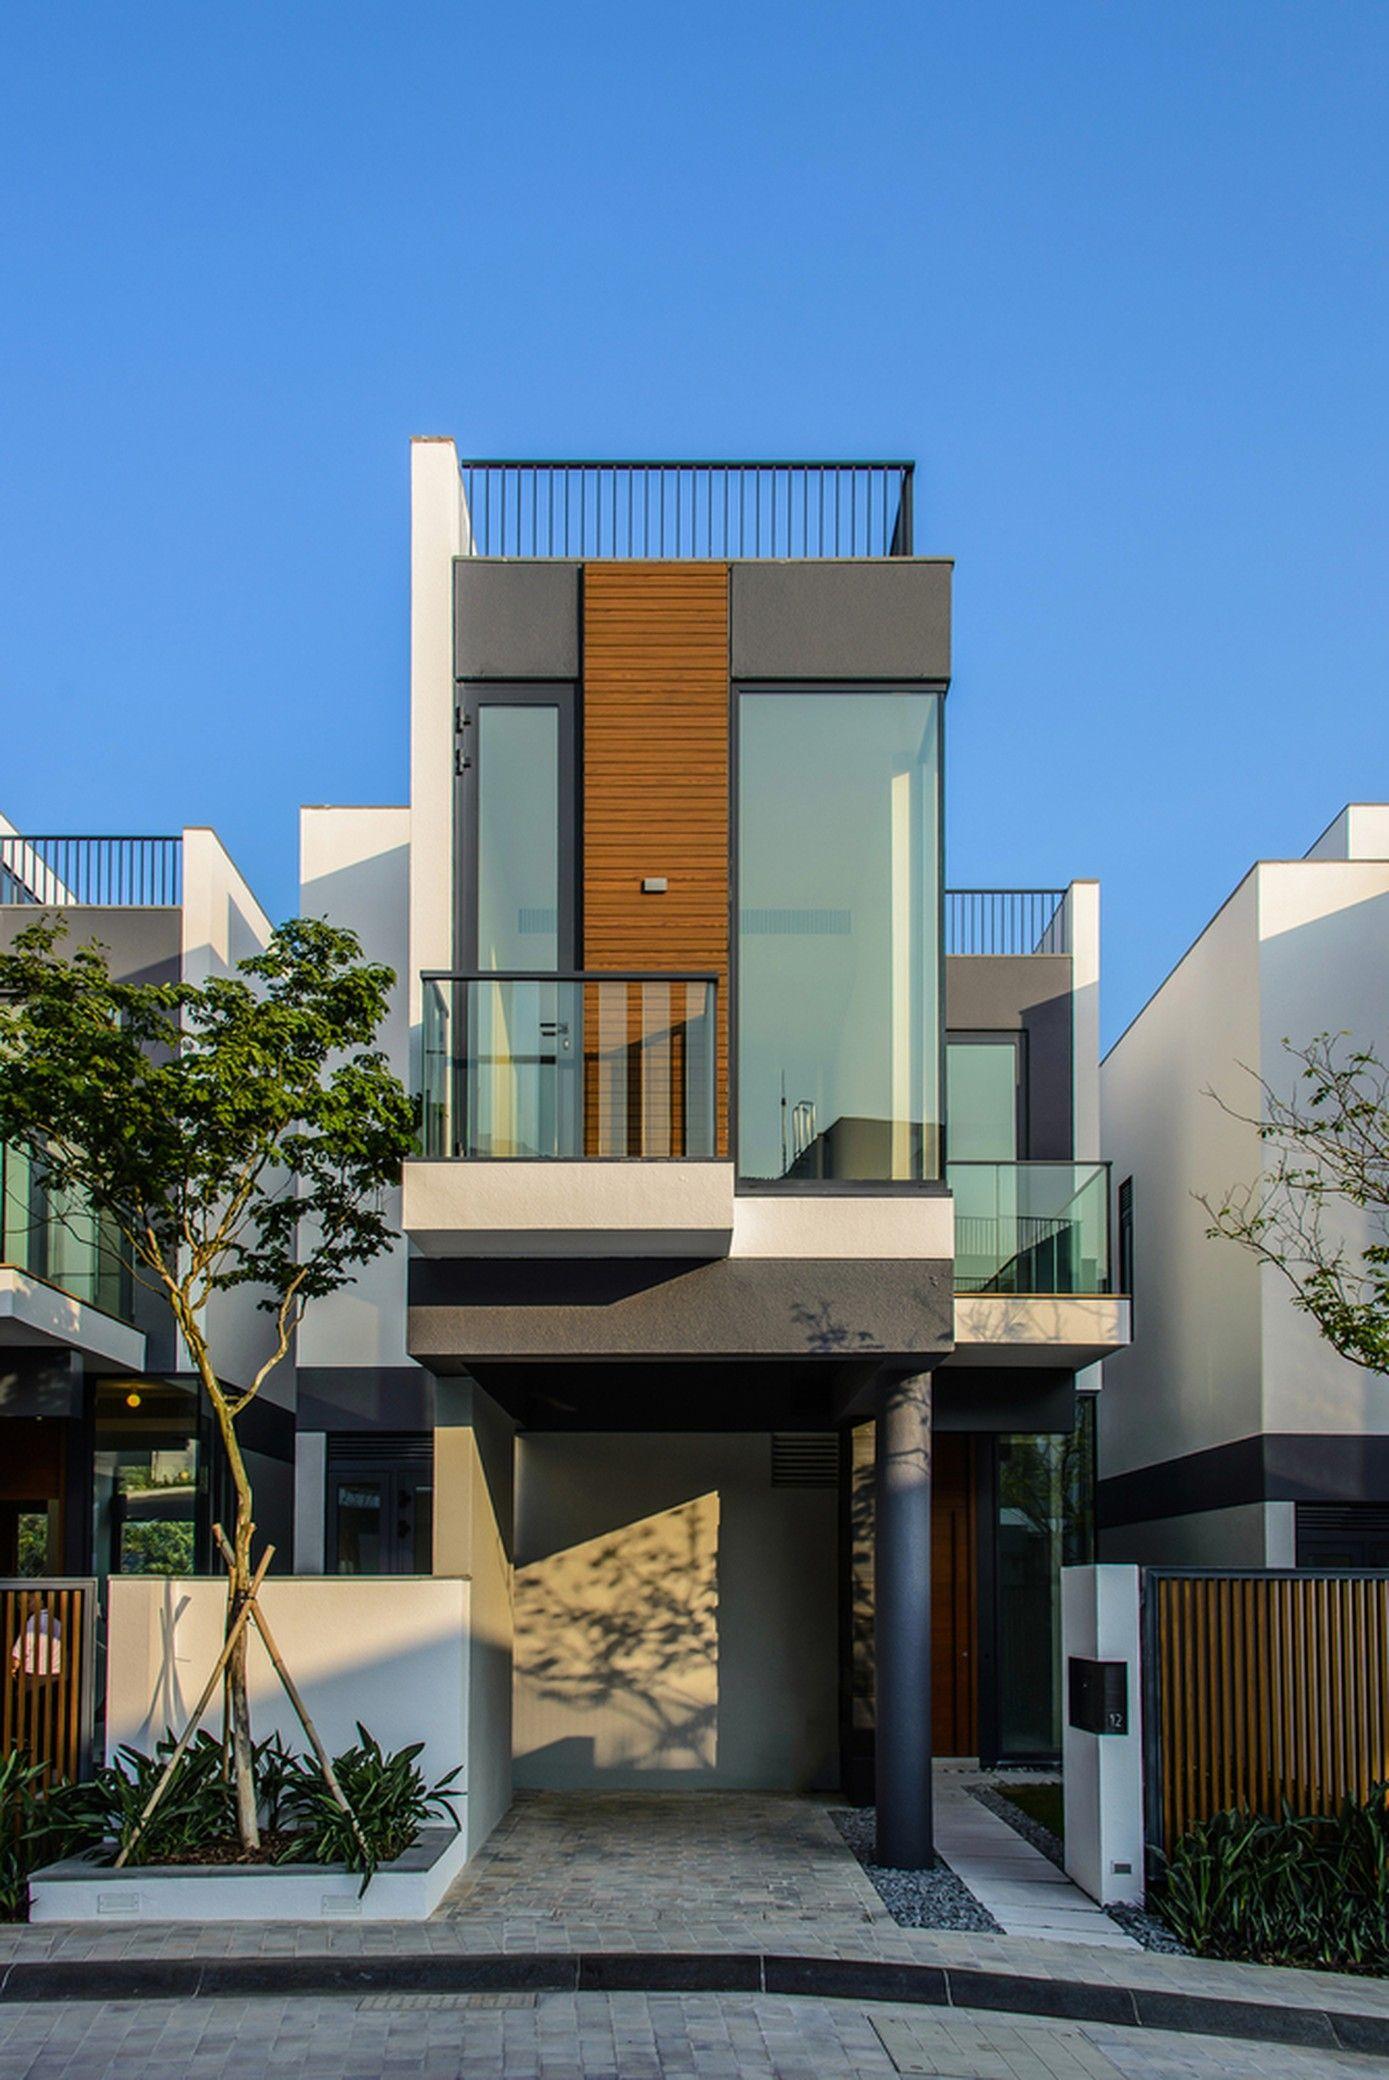 Innenarchitektur außerhalb whitesands  arquítectura  pinterest  moderne häuser haus und modern